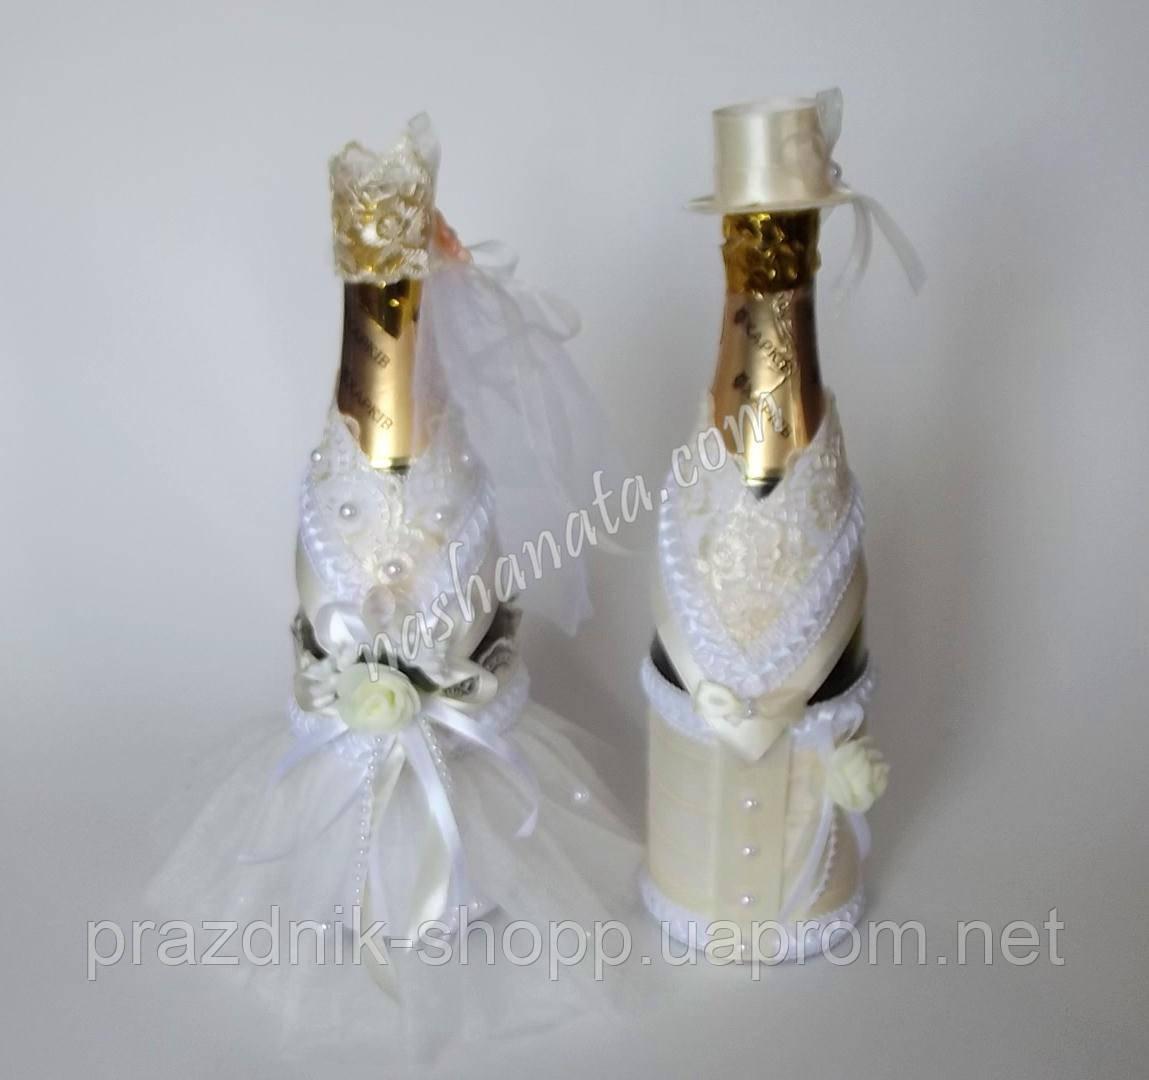 Одежка для шампанского, M044